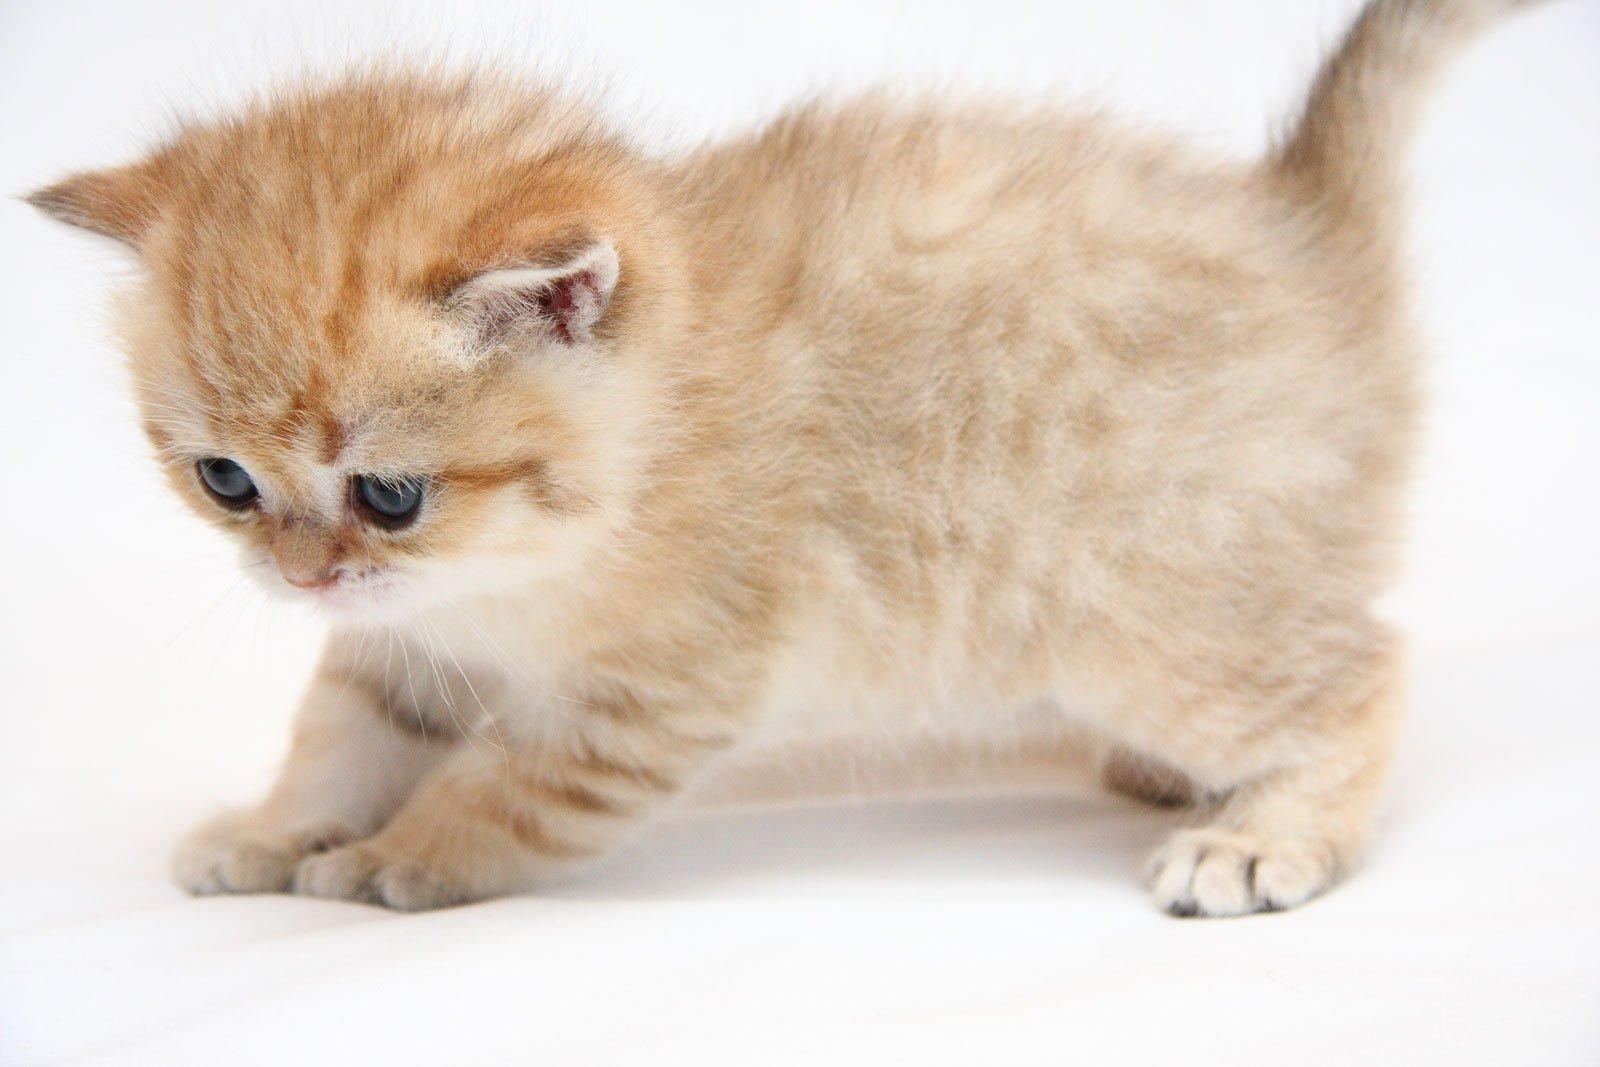 подготовиться фотосессии картинки котята или коты пришло